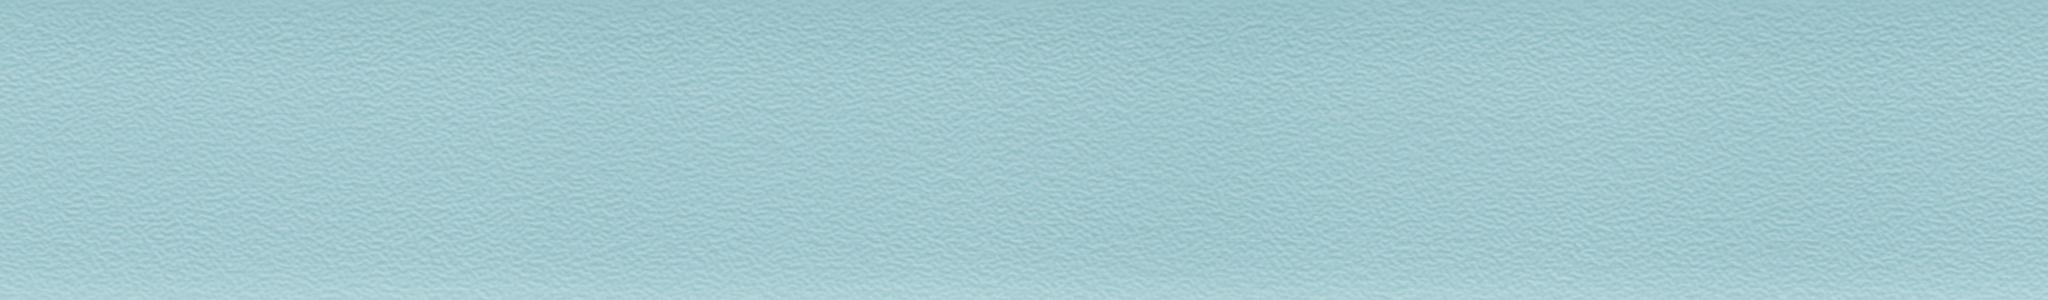 HU 15079 ABS hrana modrá perla 101